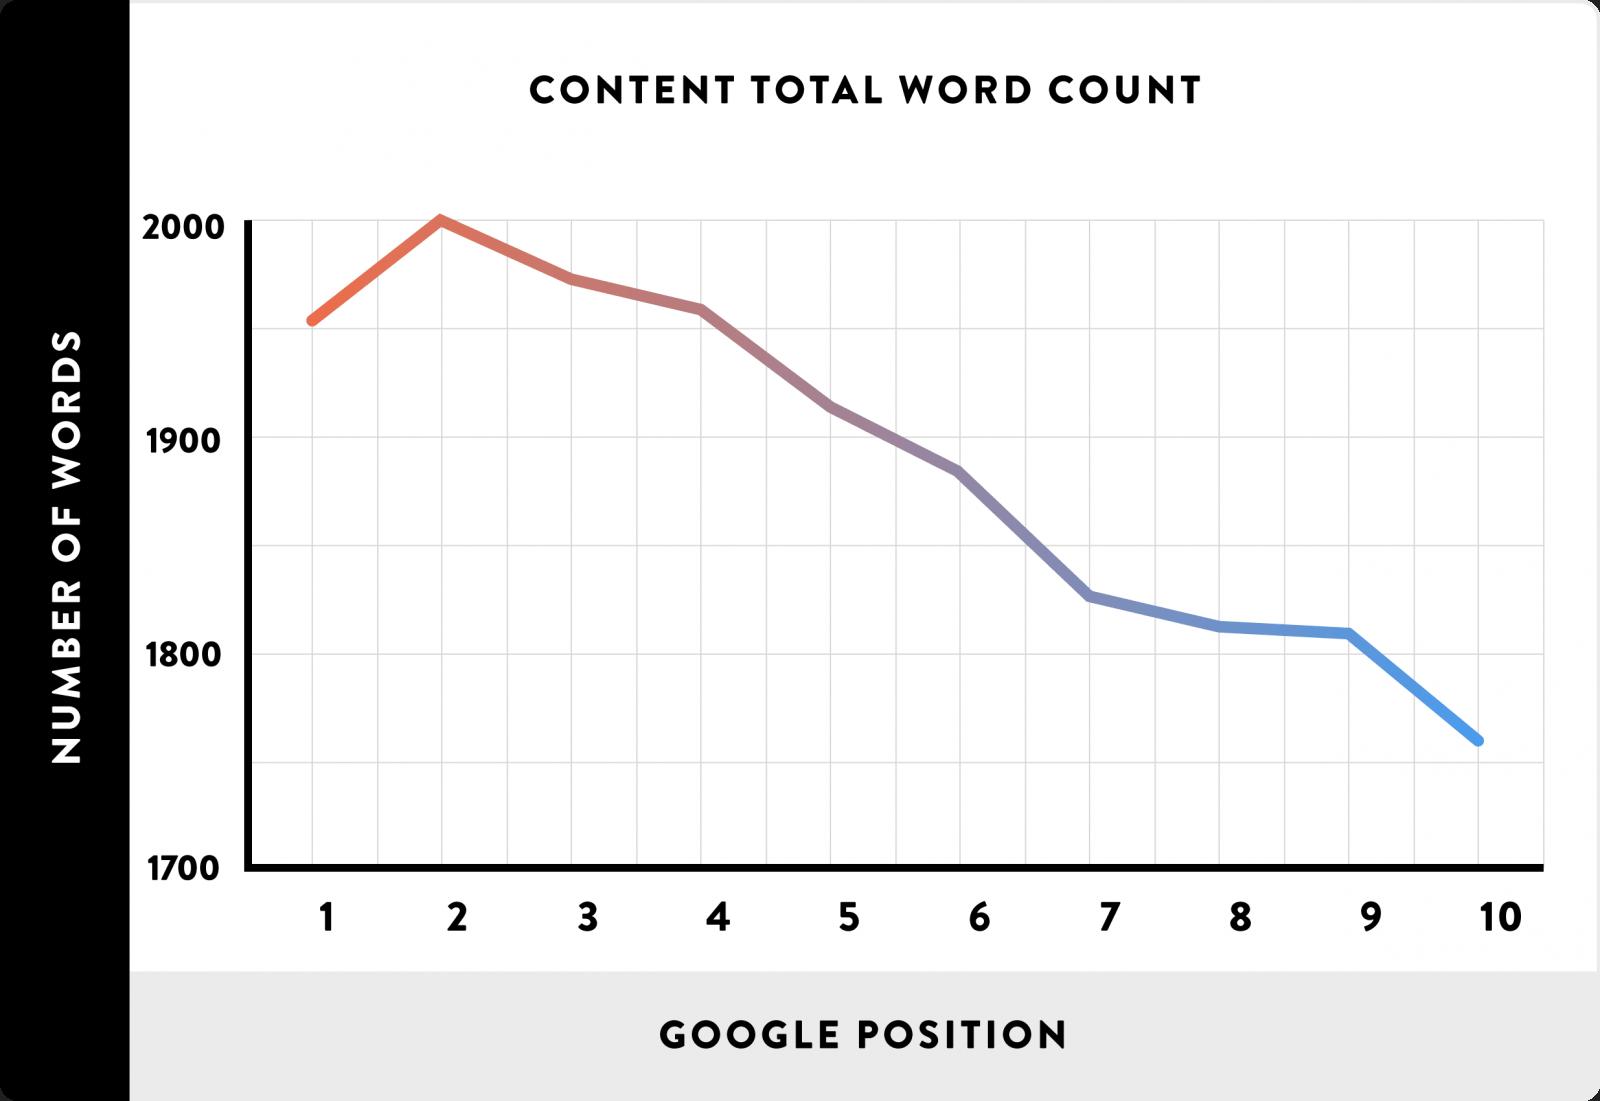 Posición en Google vs el Número de palabras